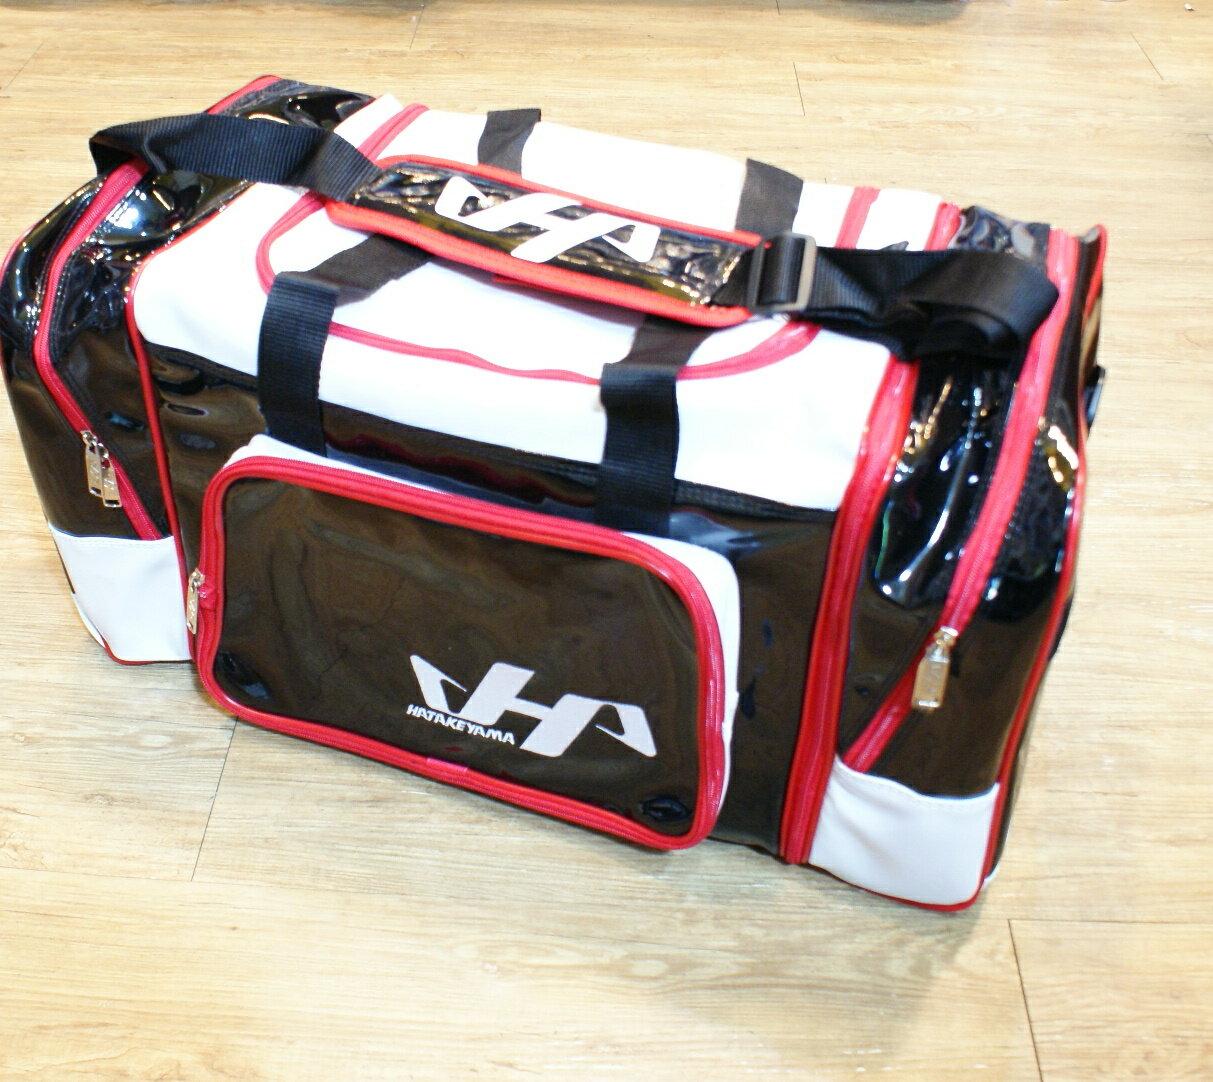 棒球世界 全新HATAKEYAMA配色大型遠征袋/特價  黑底配色款